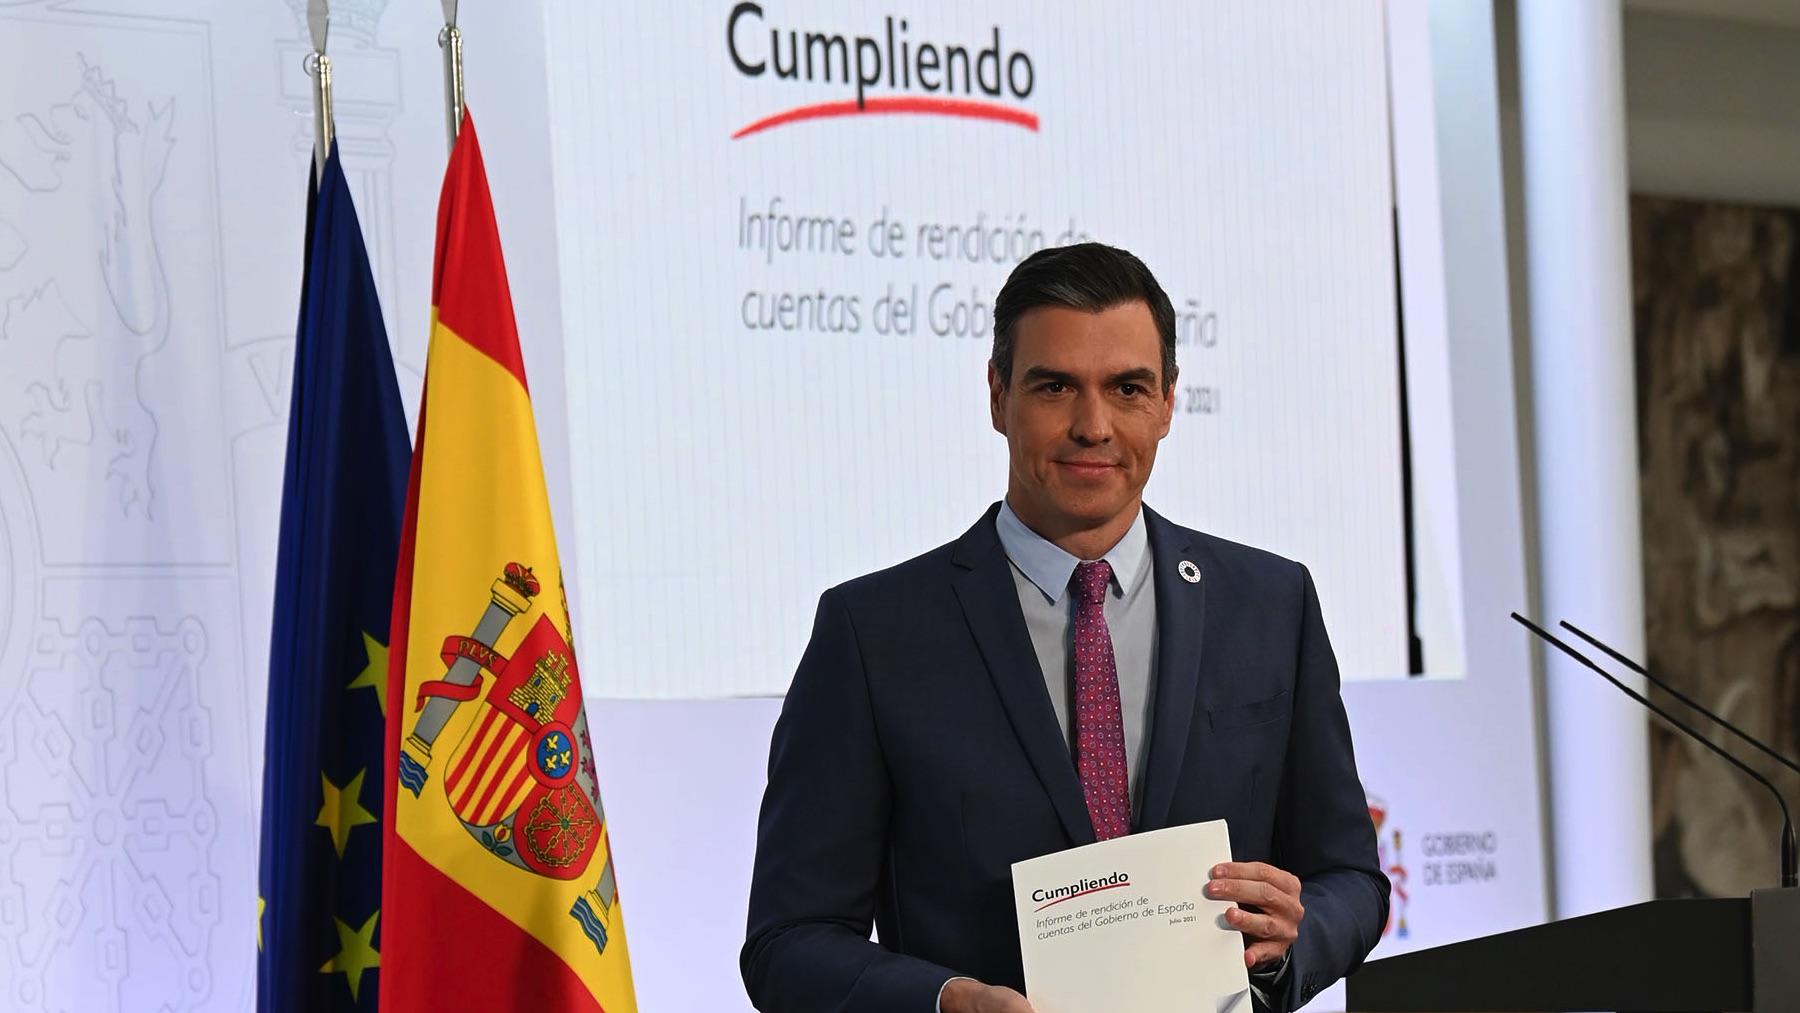 Pedro Sánchez, en una imagen reciente. (Foto: Moncloa)